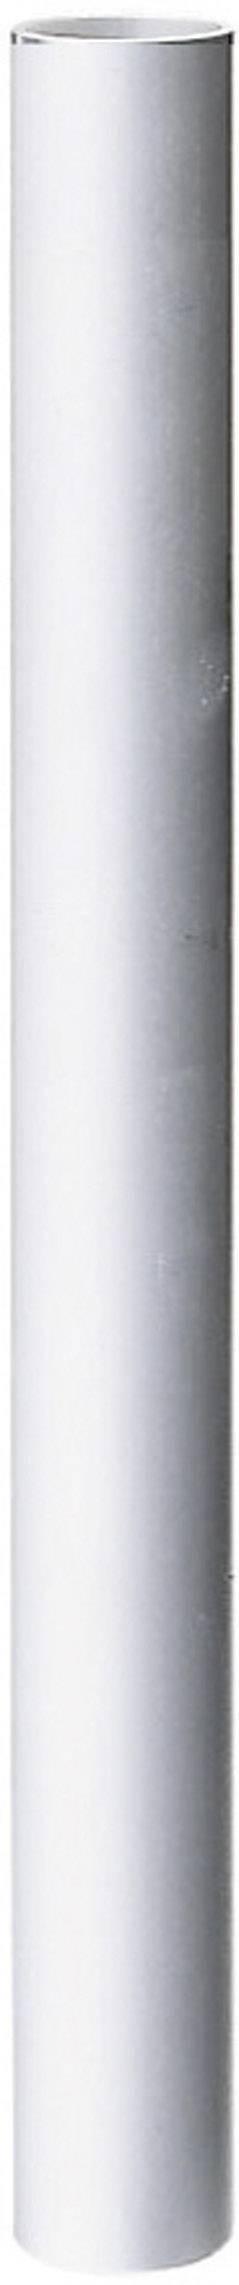 Signalizačný systém s hliníkovou rúrkou Werma Signaltechnik 975.845.10 KombiSIGN 70